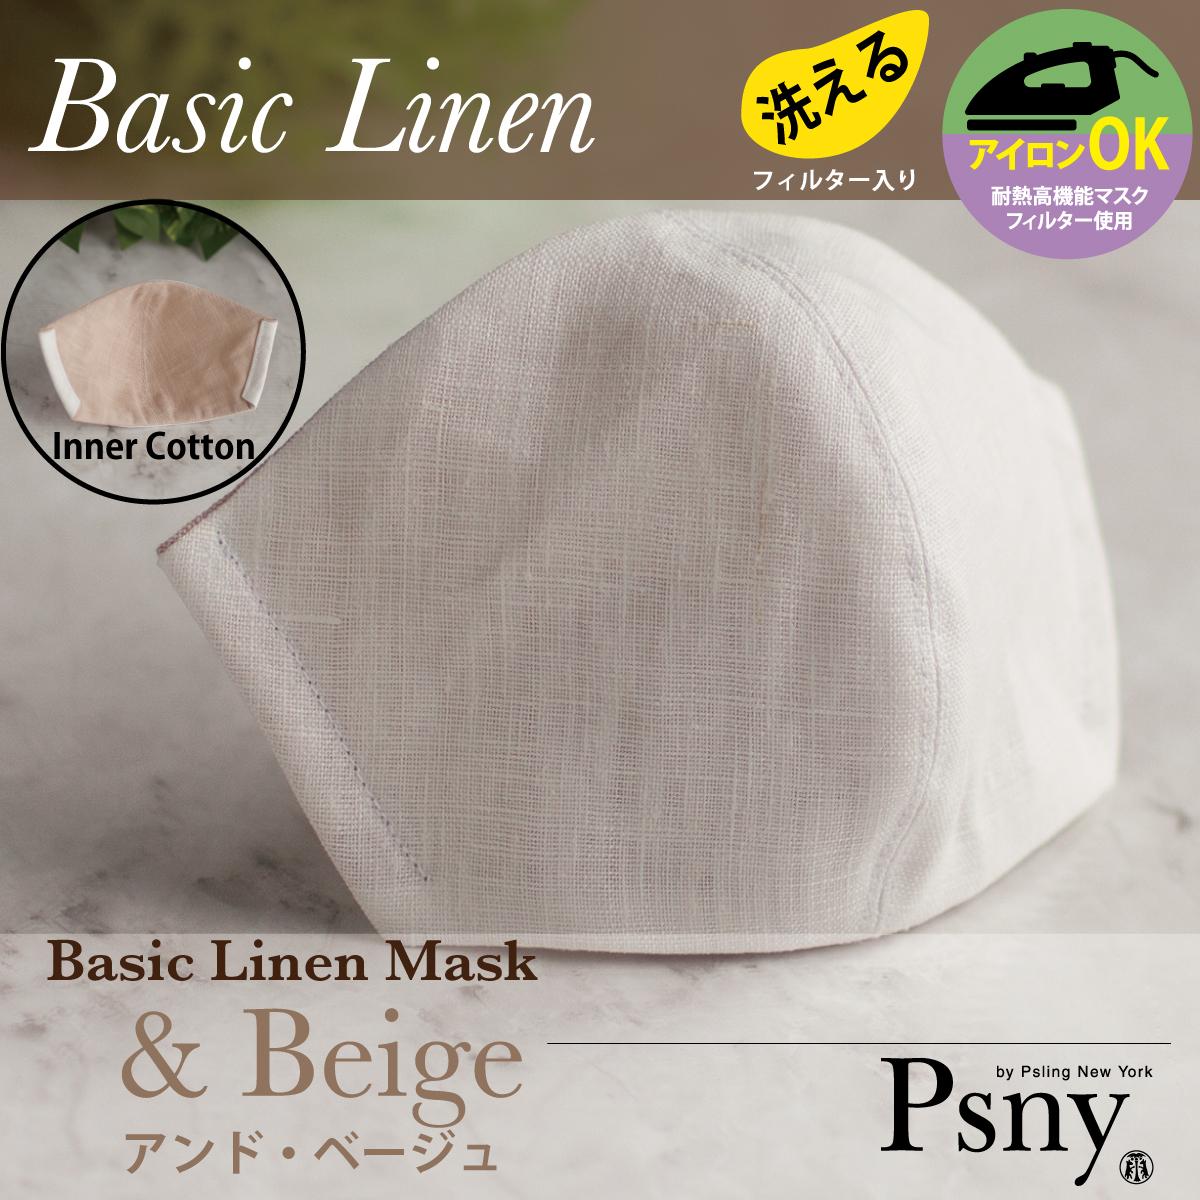 PSNY ベーシックリネン・ホワイト(&ベージュ) 花粉 黄砂 洗えるフィルター入り 立体 マスク 大人用 送料無料